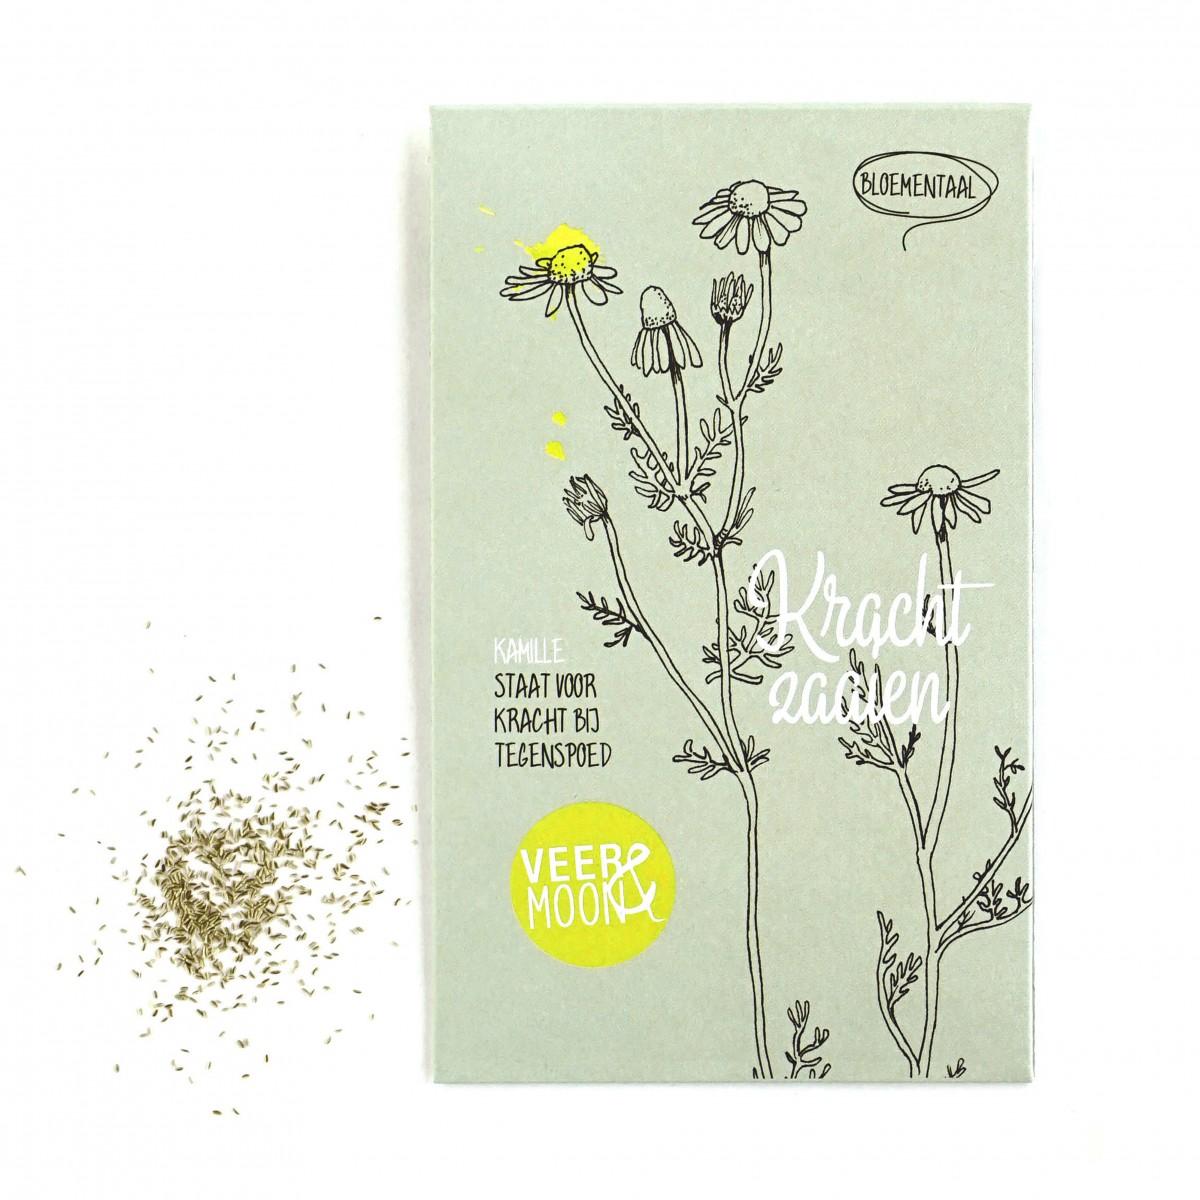 Plantenkamer-veer-en-moon-bloemenzaden-kracht-zaaien